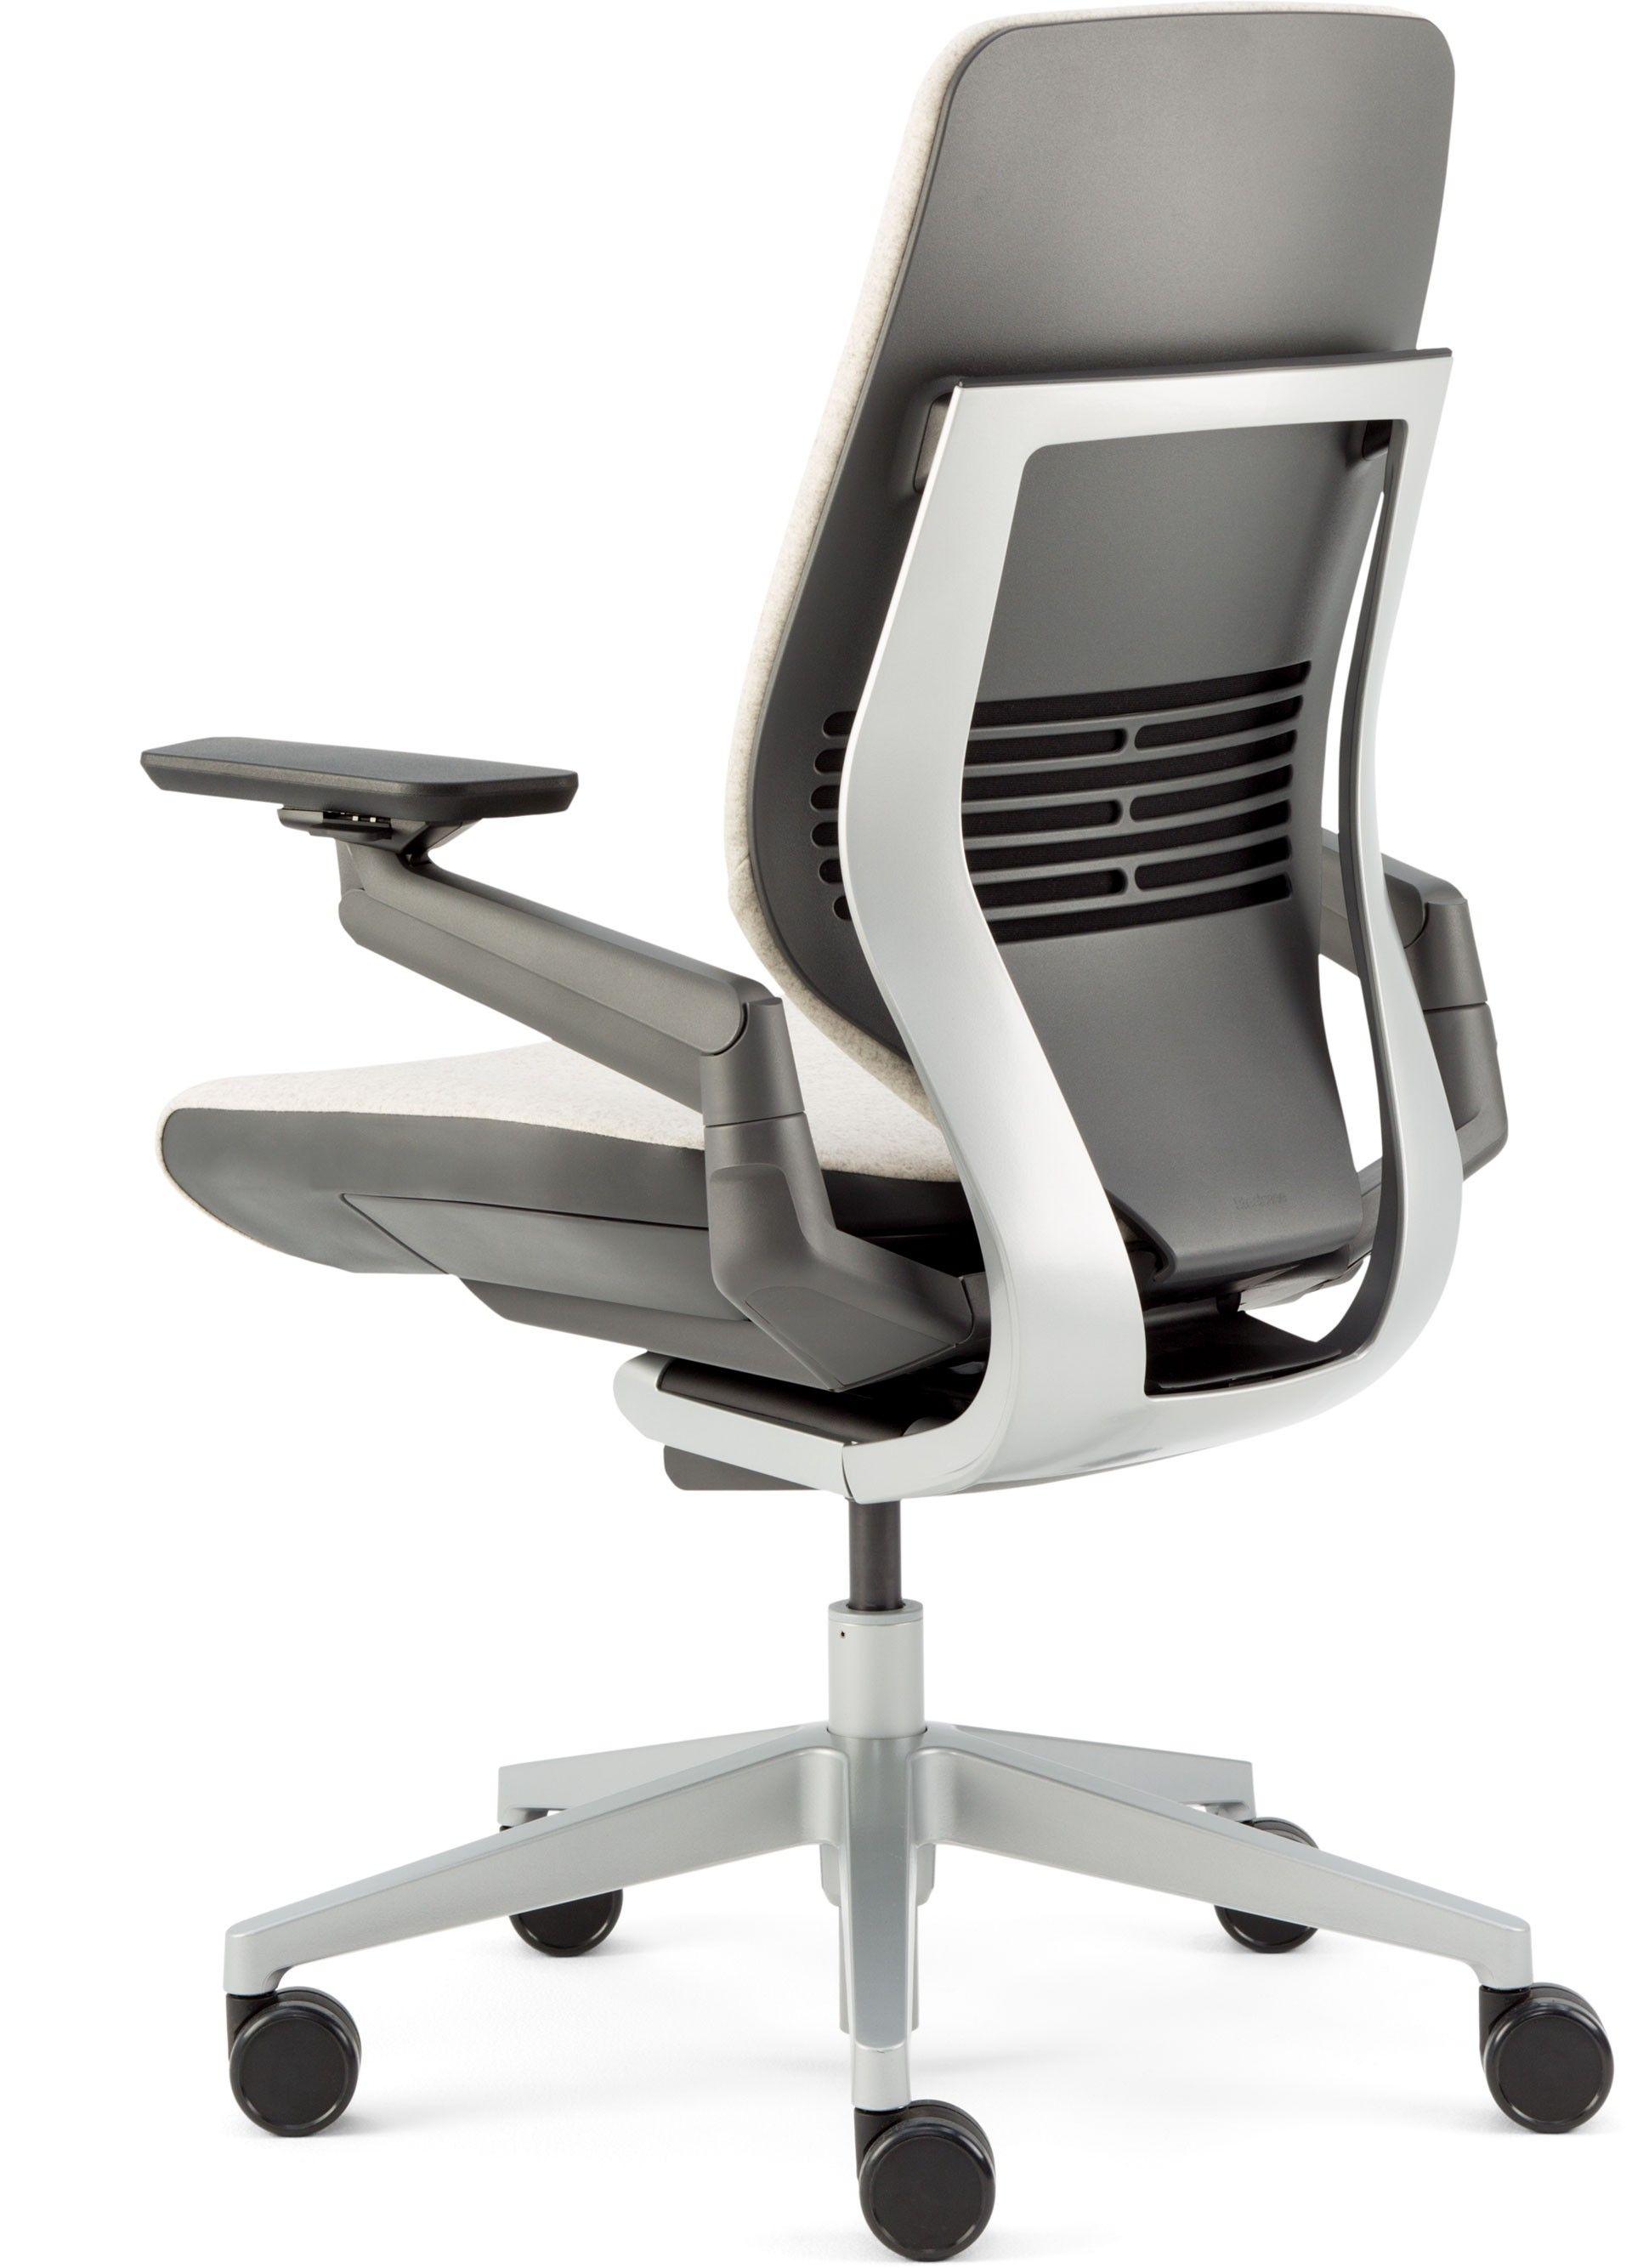 steelcase chair arm repair Minimalist Home Design